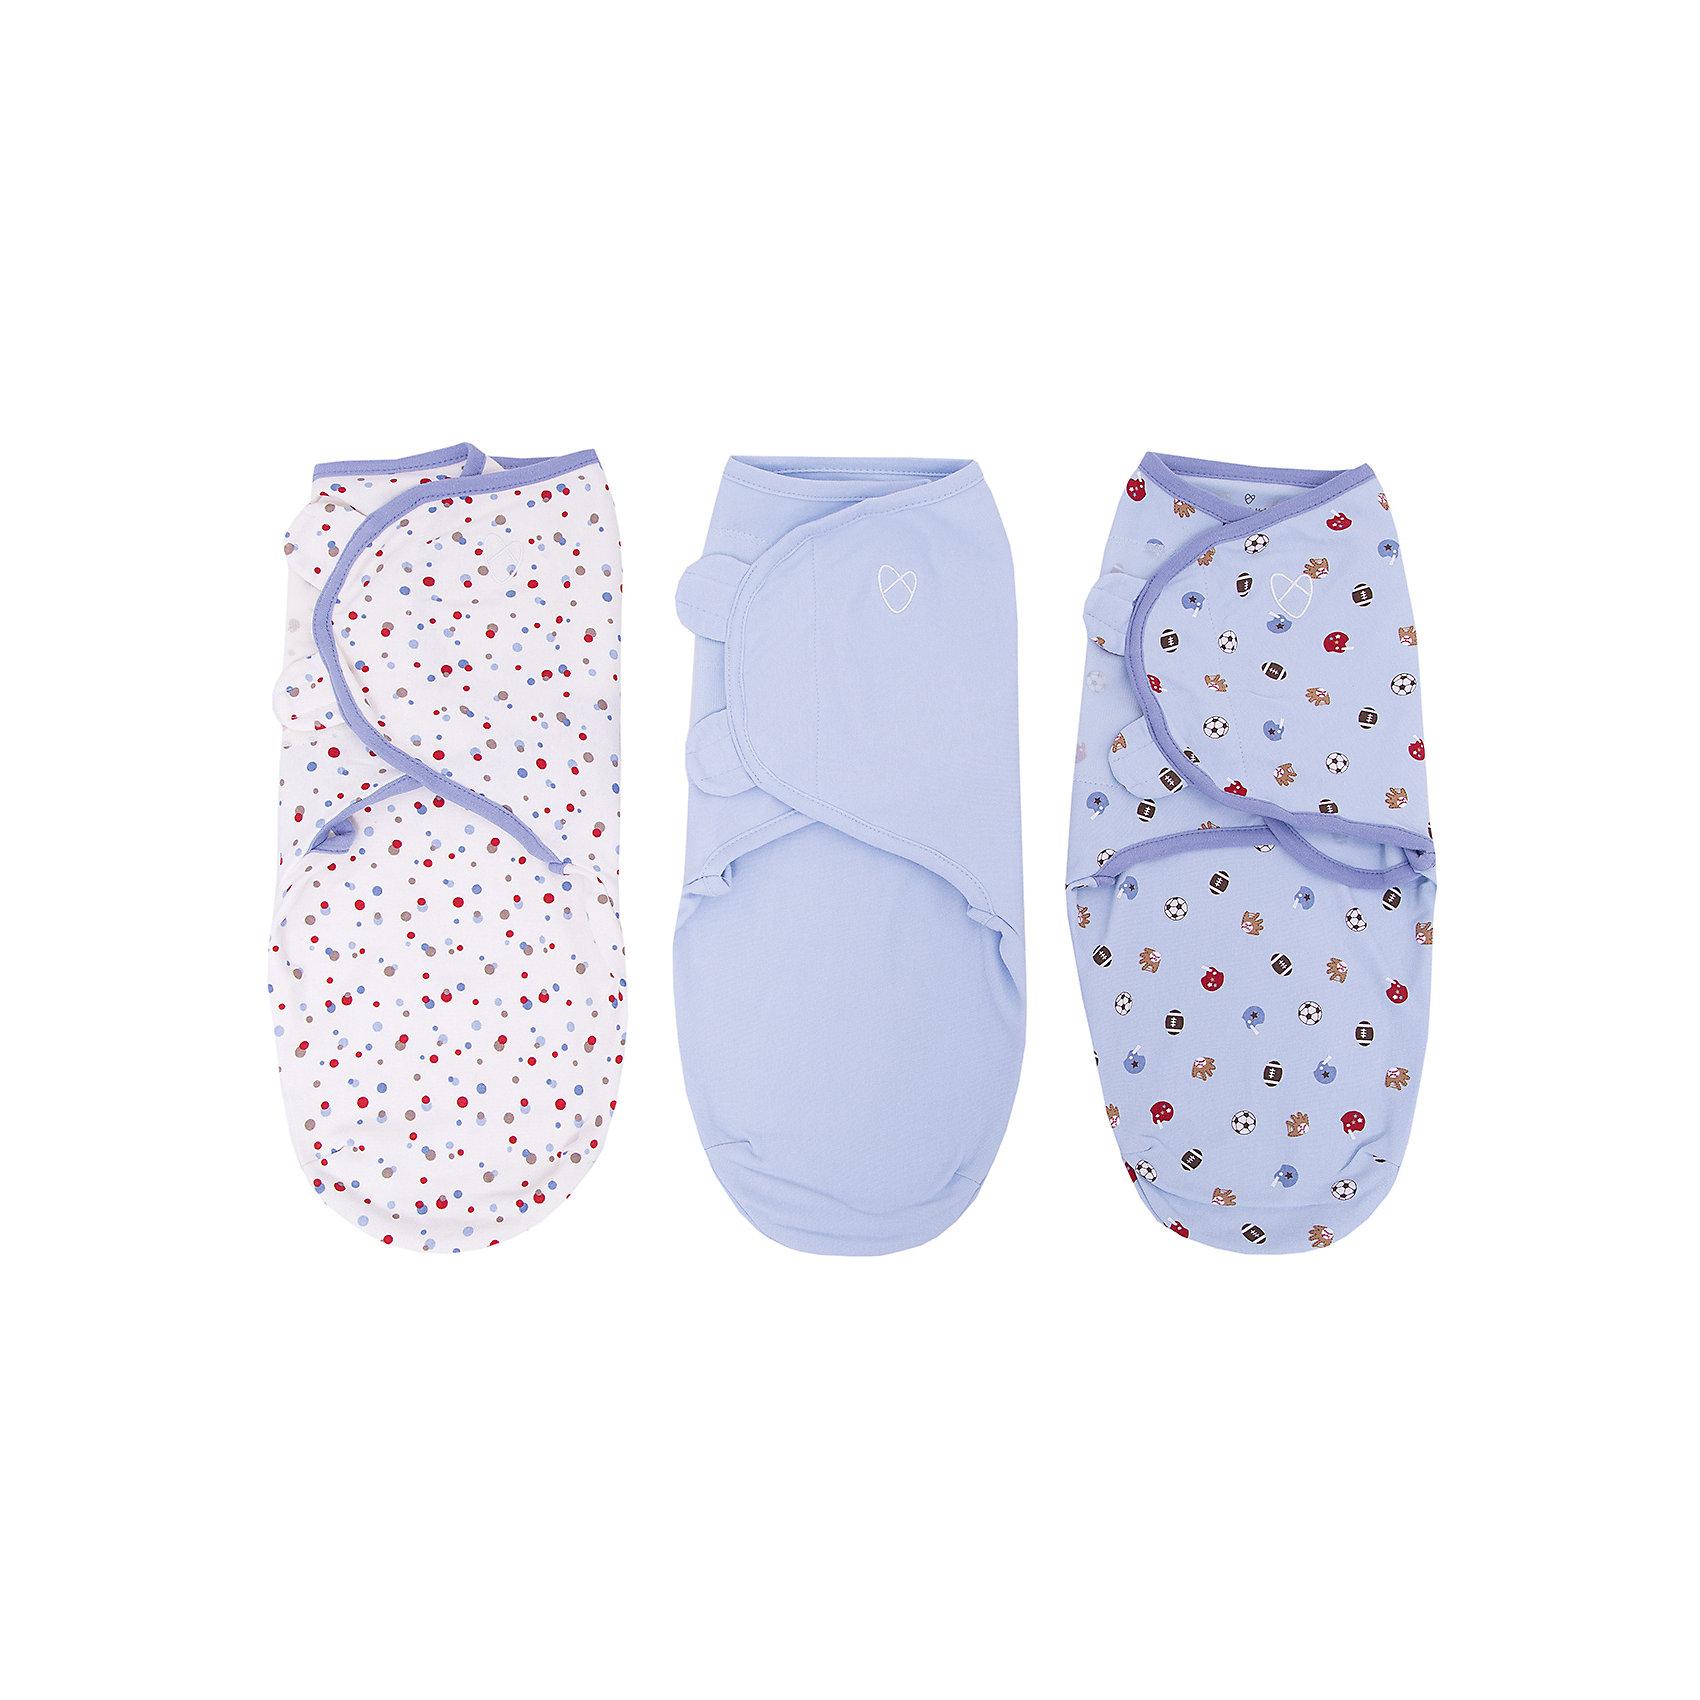 Summer Infant Конверт на липучке SwaddleMe, размер S/M, (3шт), Summer Infant, голубой/спорт цена и фото